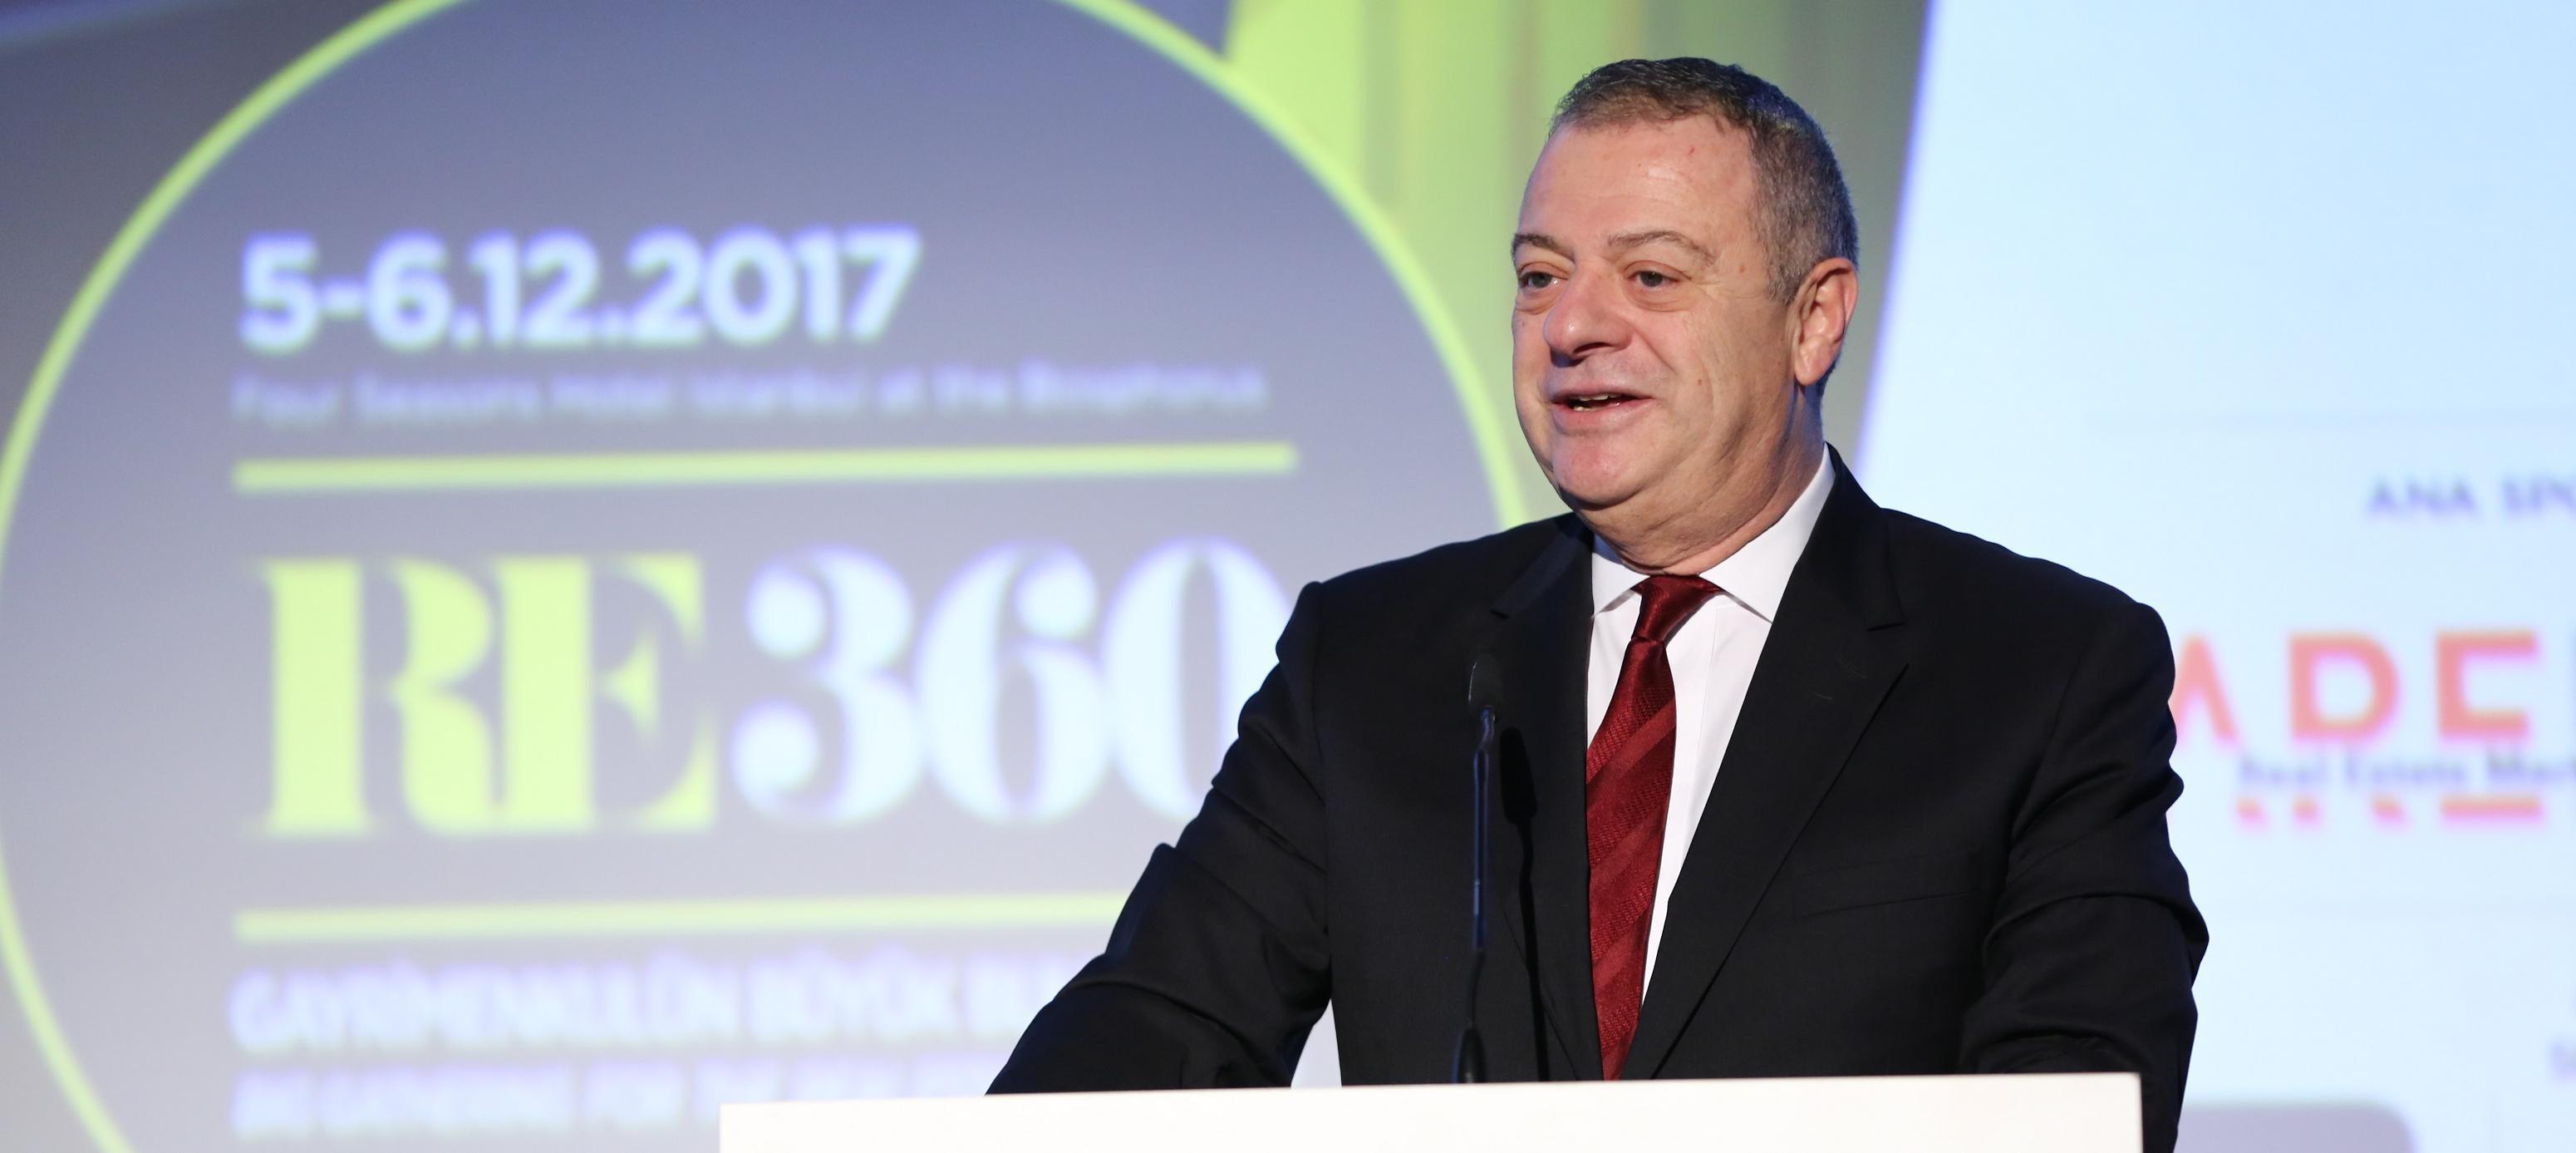 RE360'ta Gayrimenkul'ün Türkiye Liderlerinden Ve Dünyanın Yeni Oyununu Yazanlardan Çarpıcı Açıklamalar